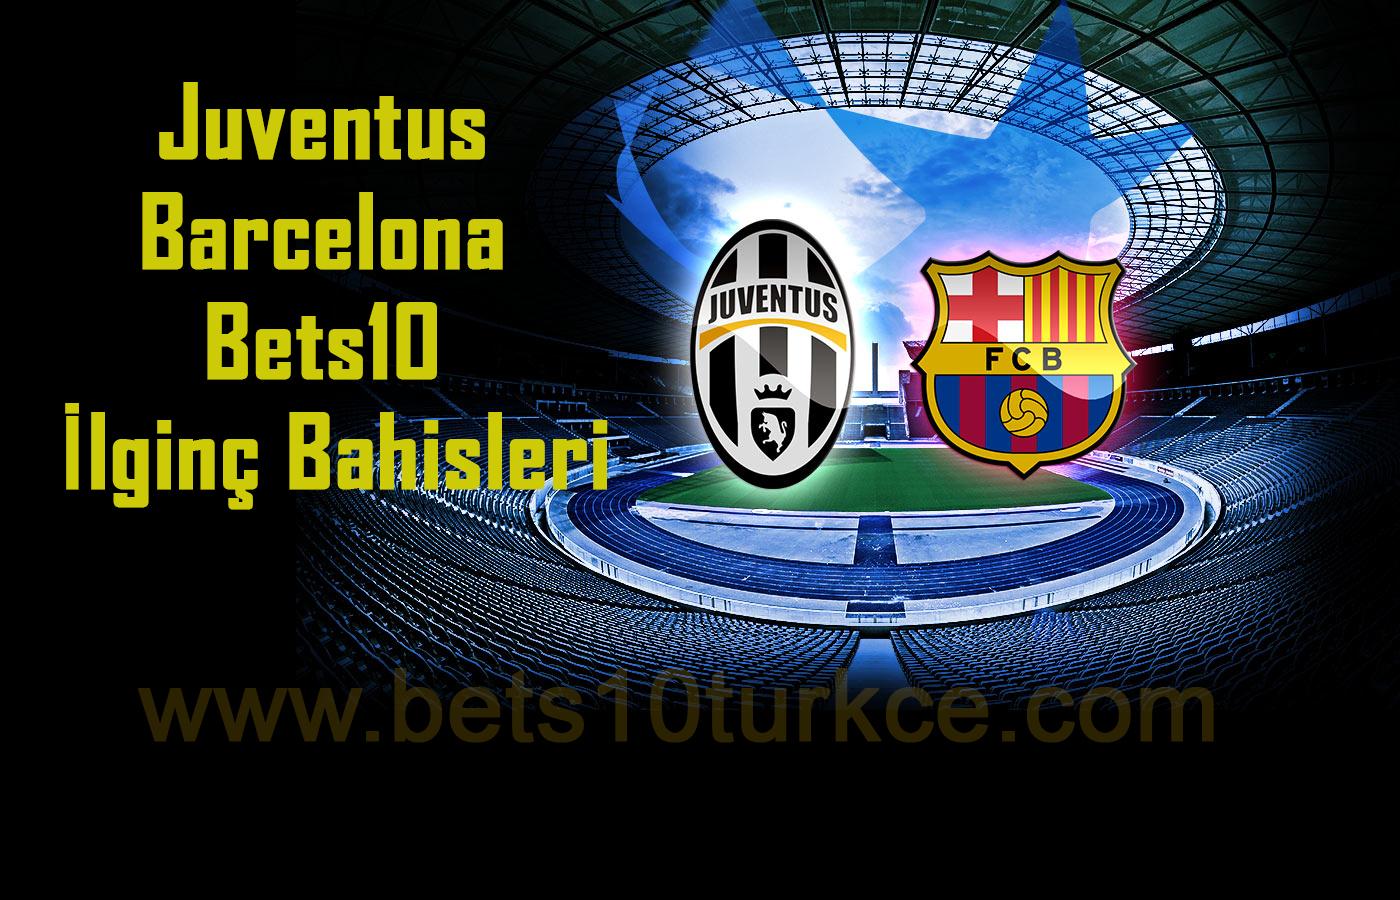 Juventus Barcelona Bets10 İlginç Bahisleri